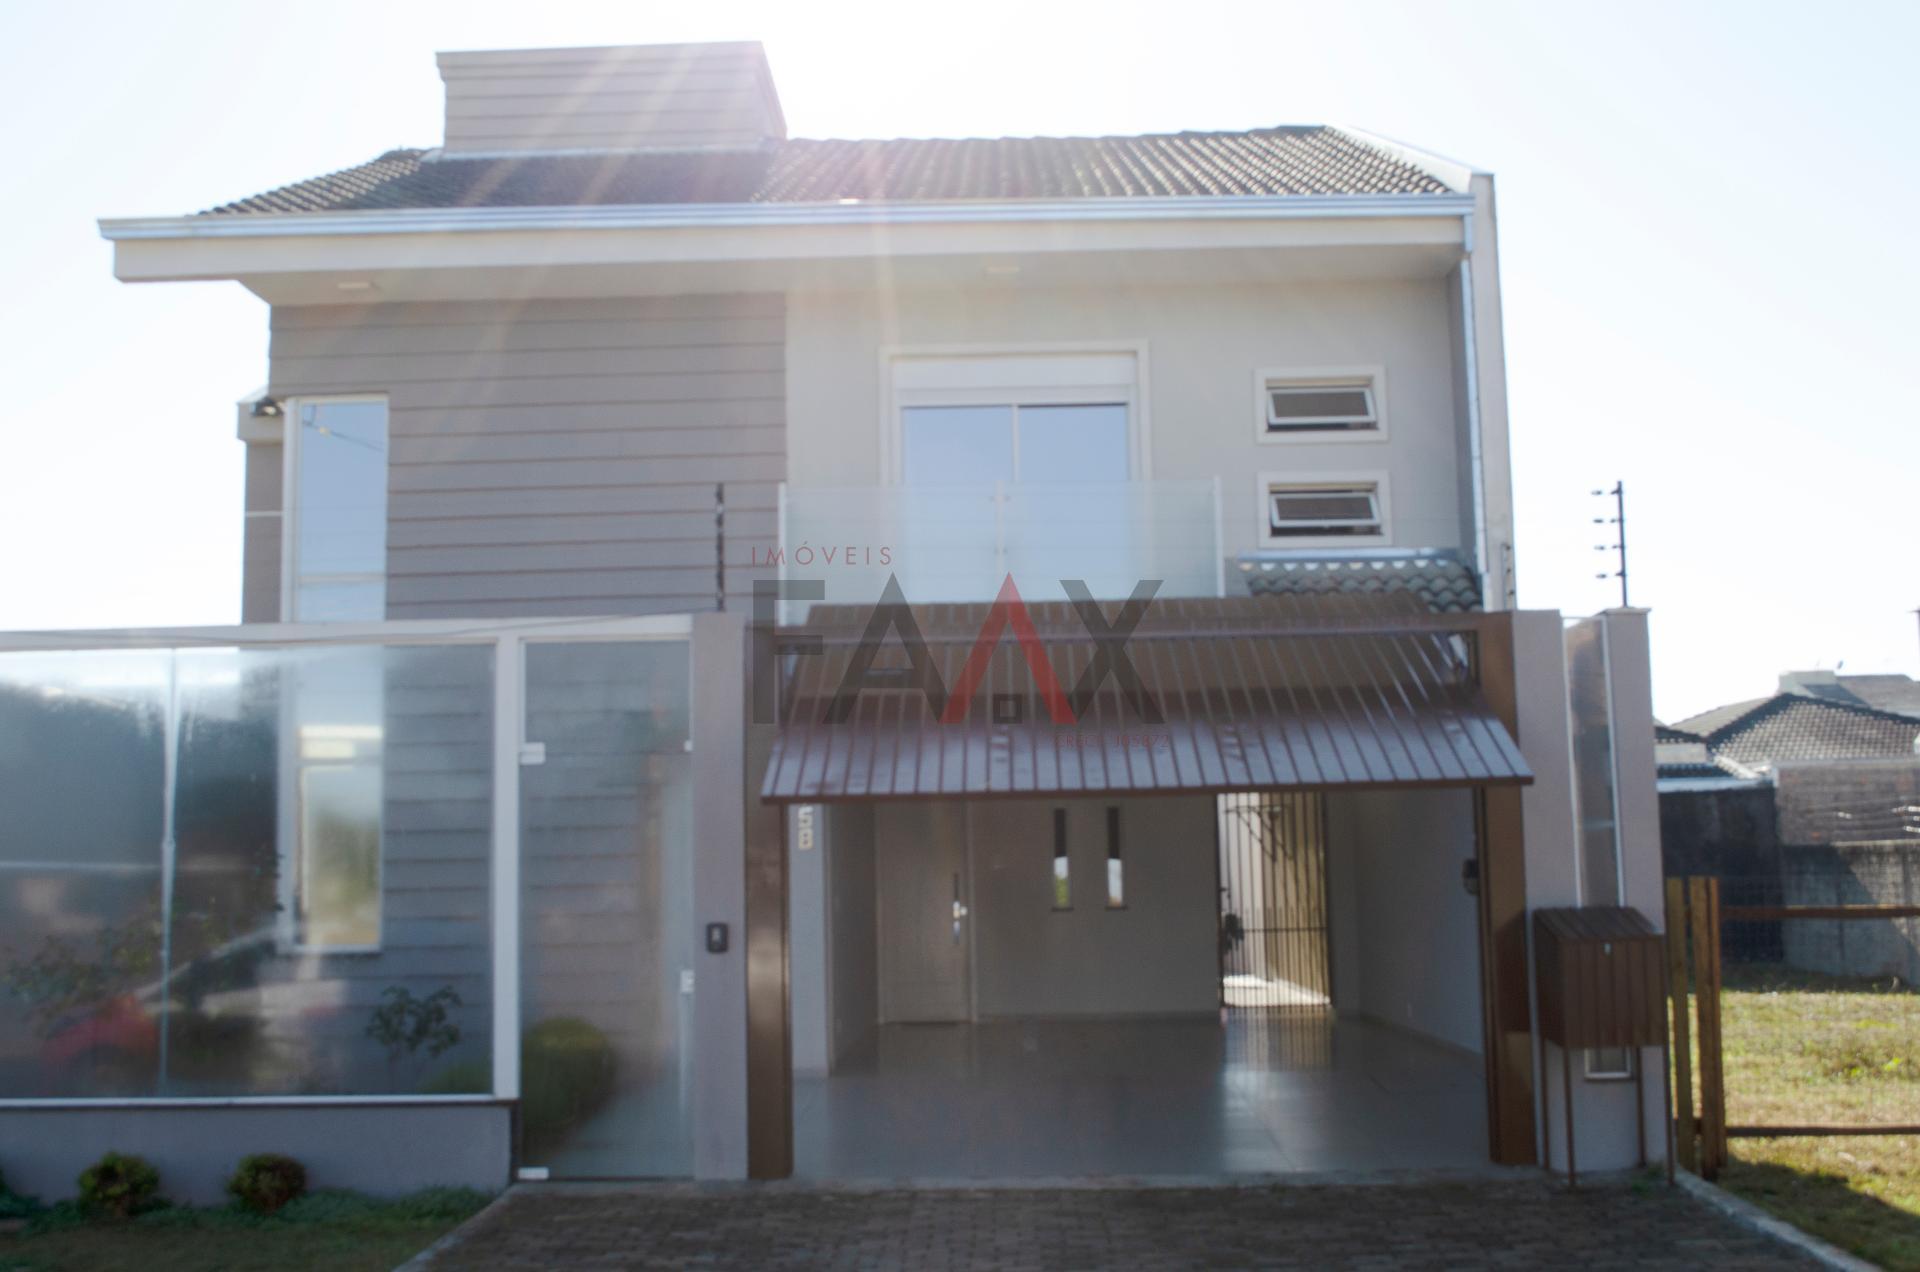 Sobrado com 3 dormitórios à venda,314.20m², MIRANTE, GUARAPUAVA - PR